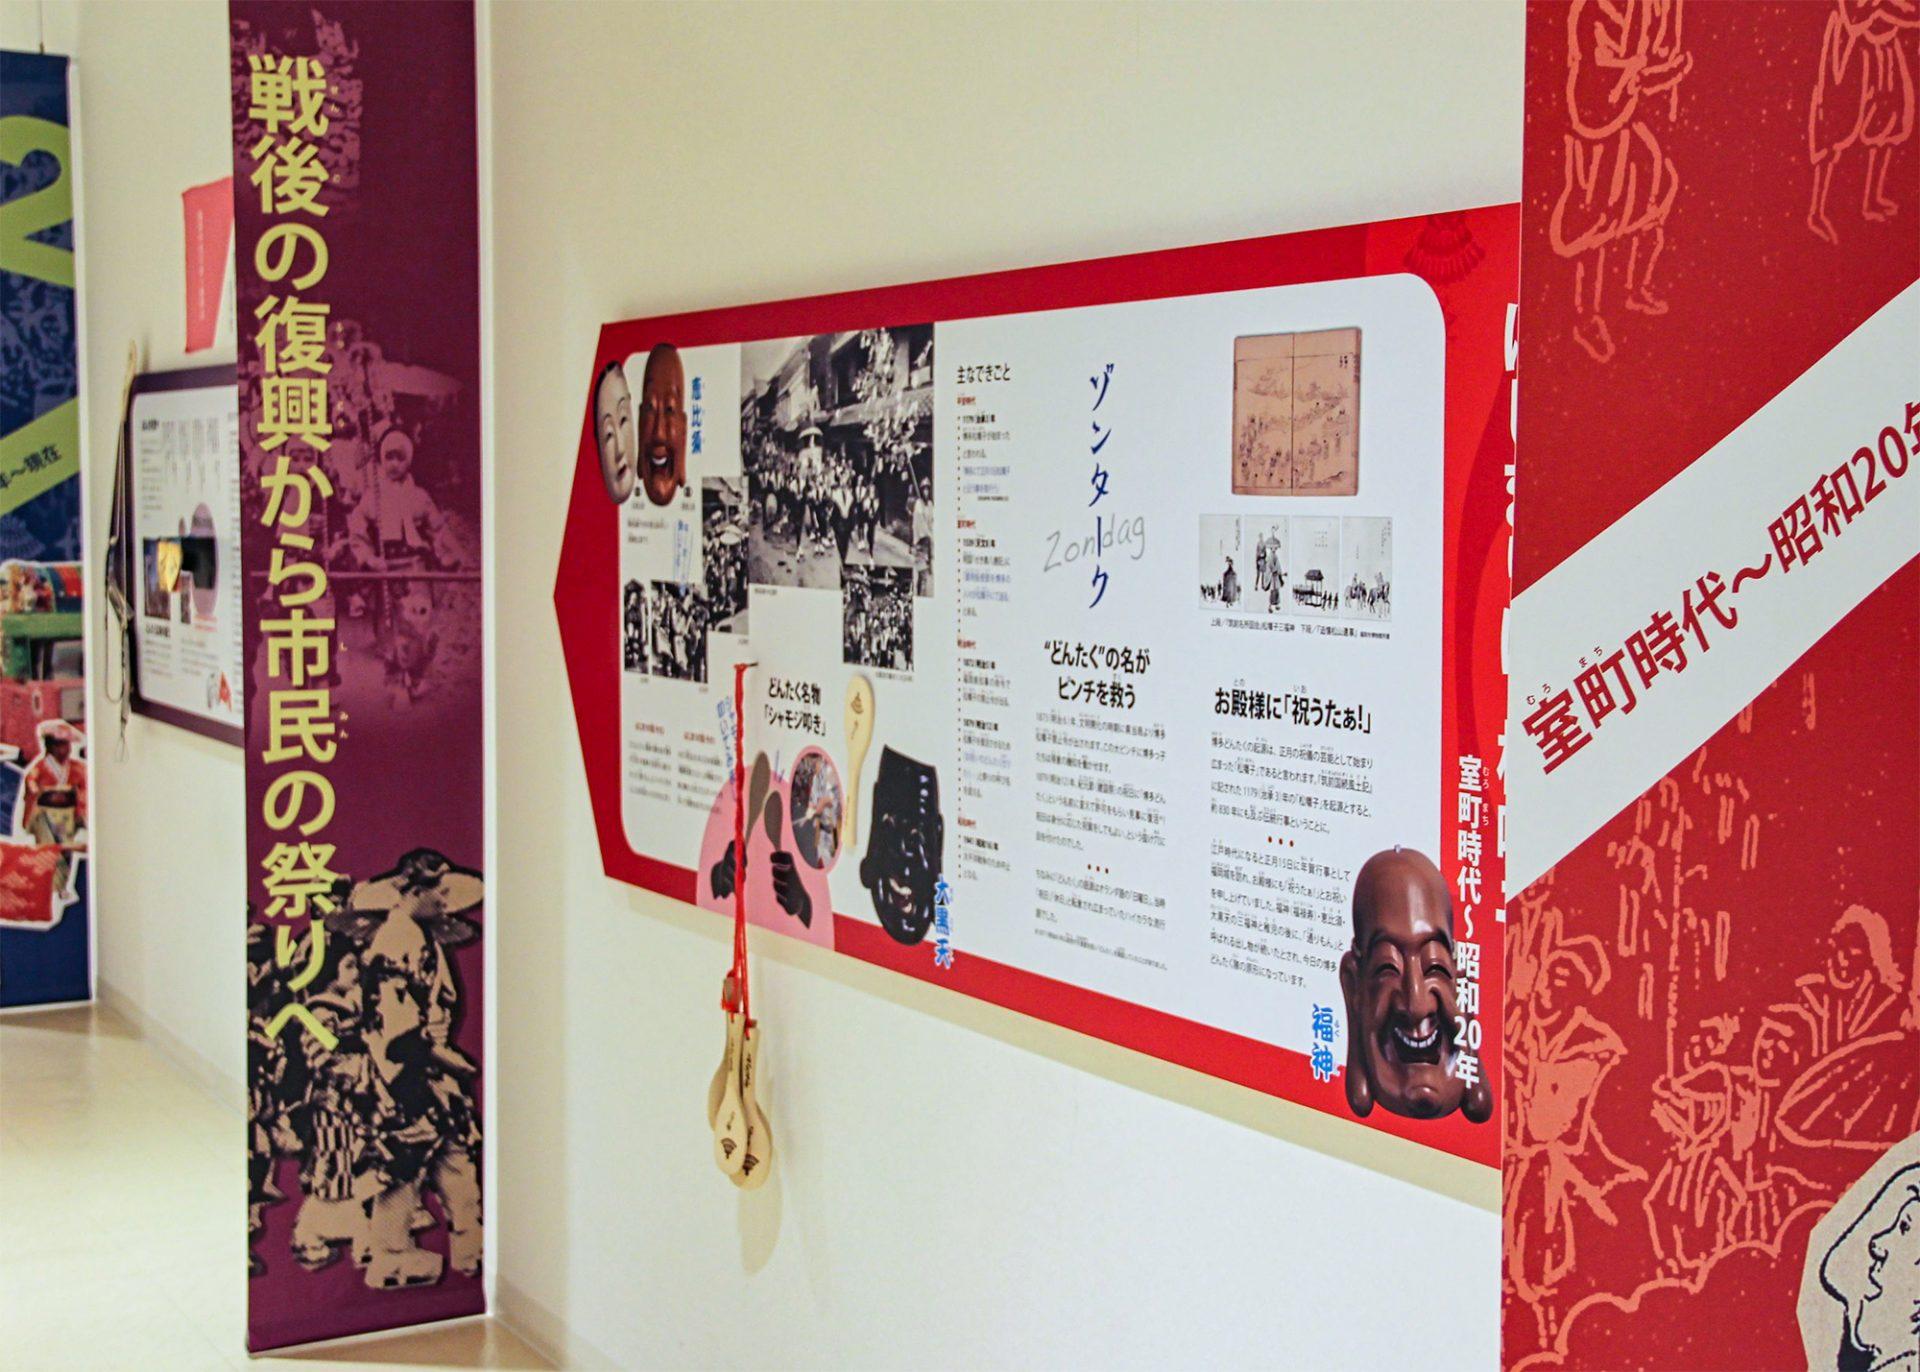 博多の「祭り」「食」「工芸品」が展示されているブース